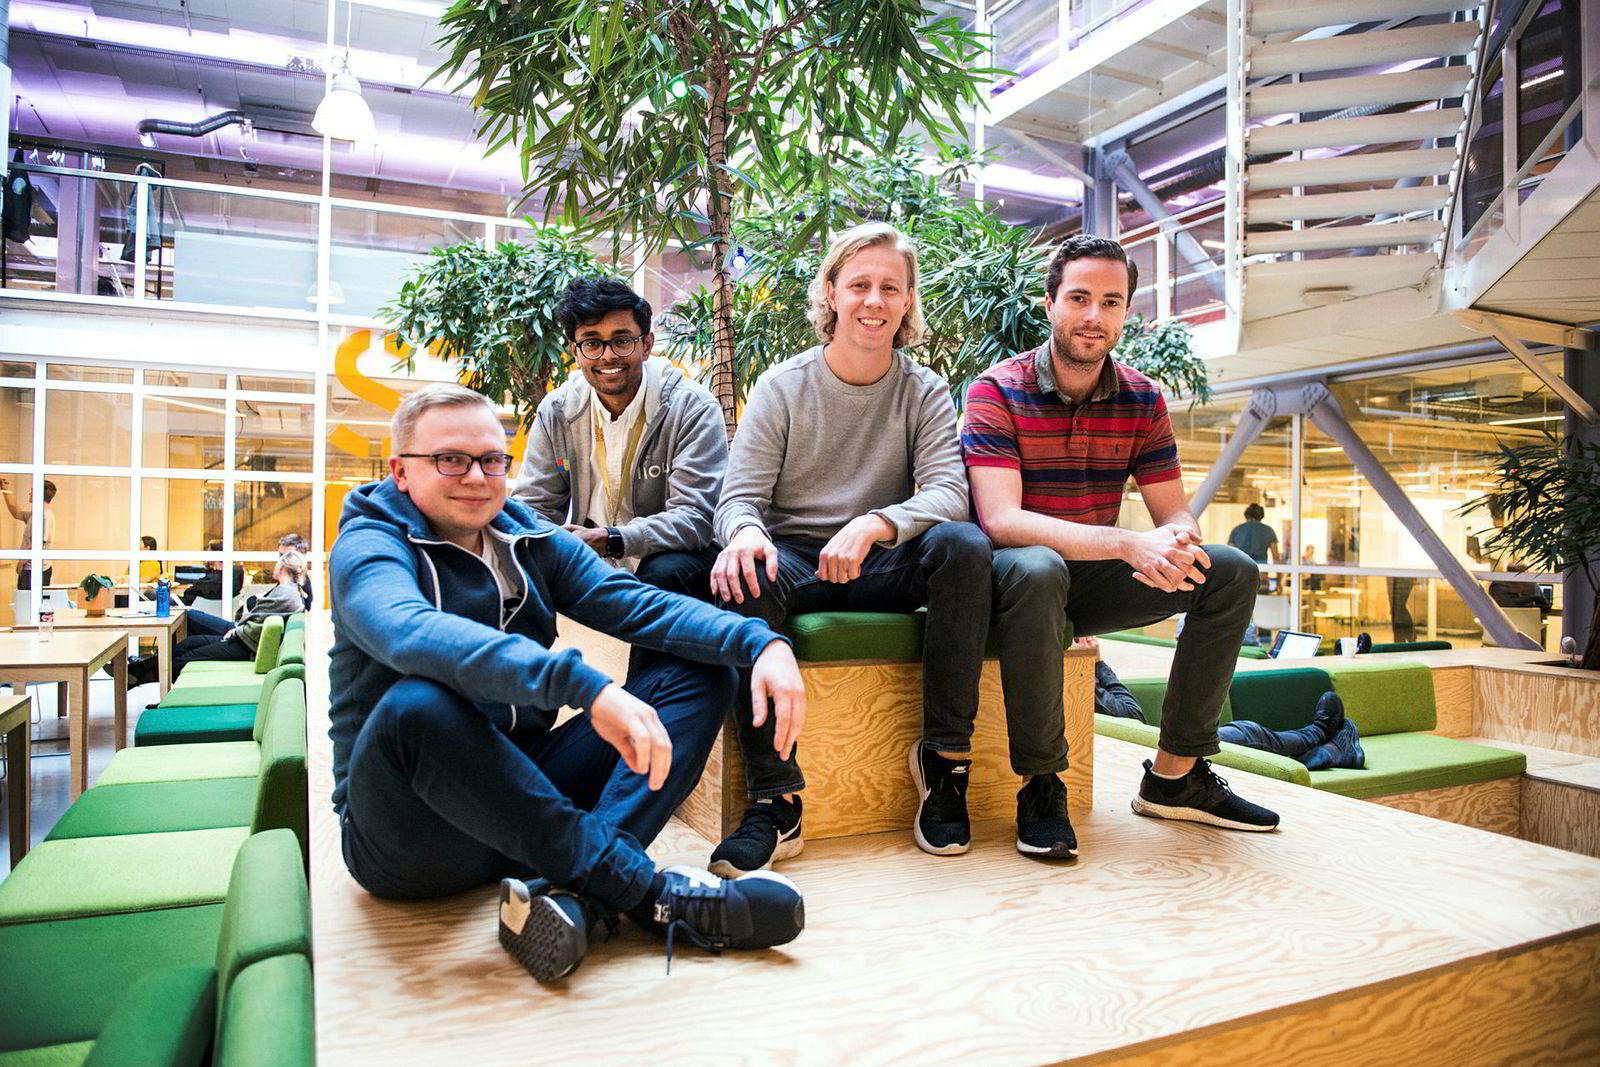 Fra venstre: Michal Pietrzyk, CFO Vinoth Vinaya, CEO Maths Mathisen og CTO Ole Nordviste i StartupLabs lokaler på Forskningsparken i Oslo. Snart flytter de virksomheten til London.